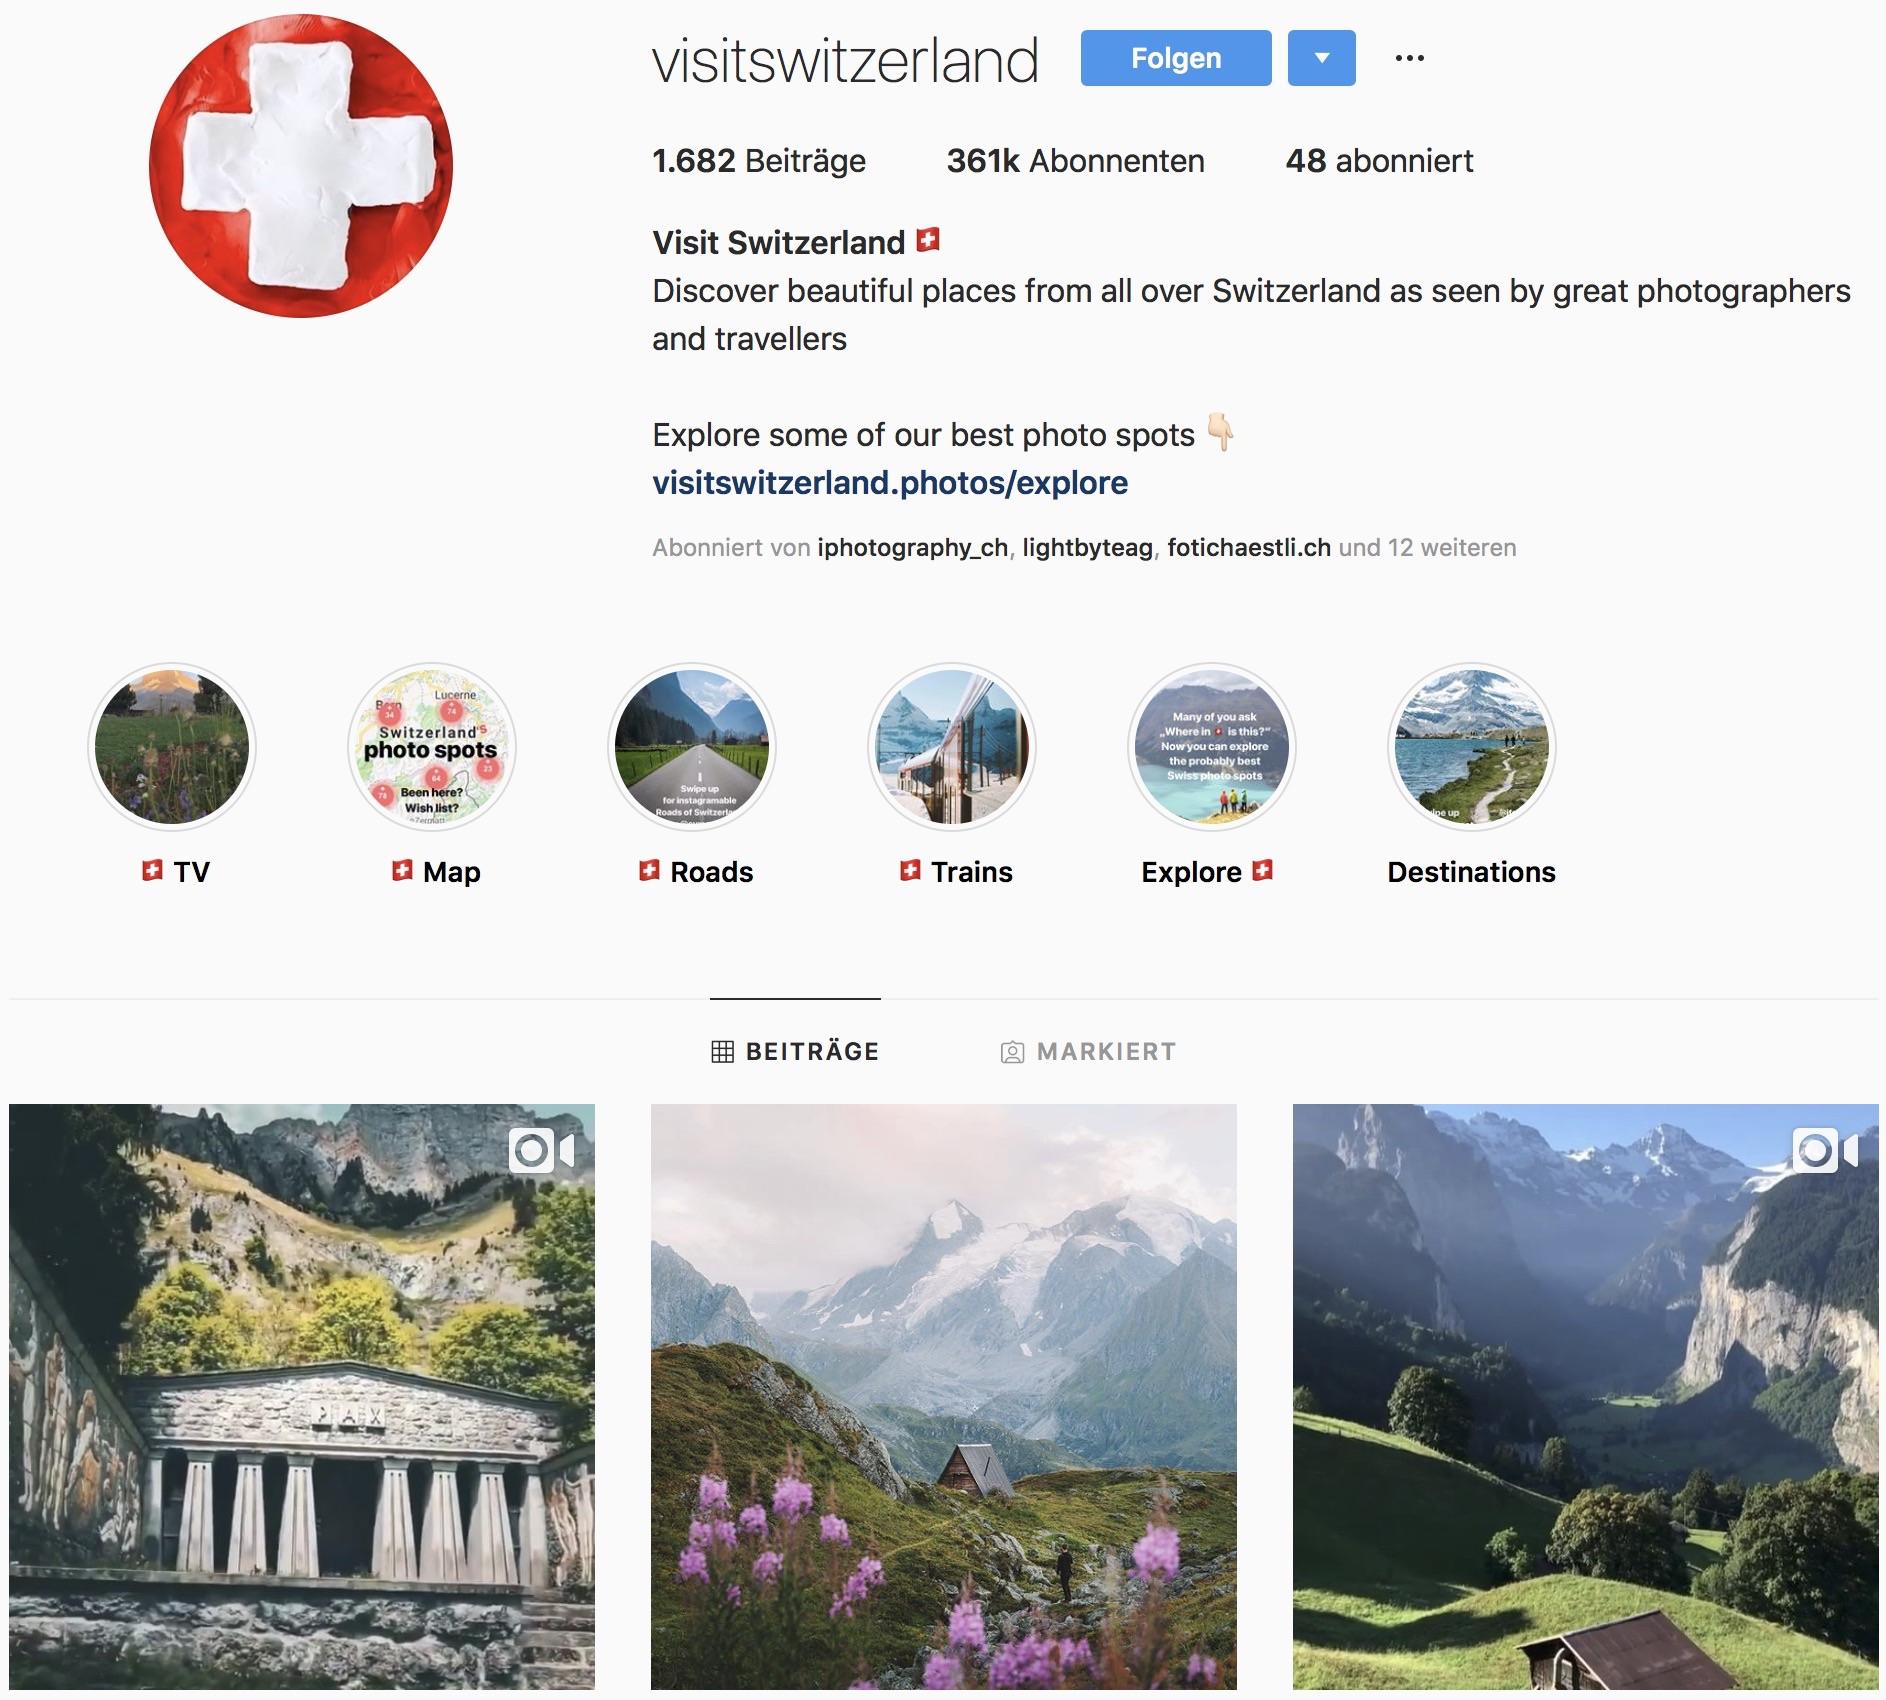 Marcus_Händel_VisitSwitzerland_digitalEVENT2018_2.jpg